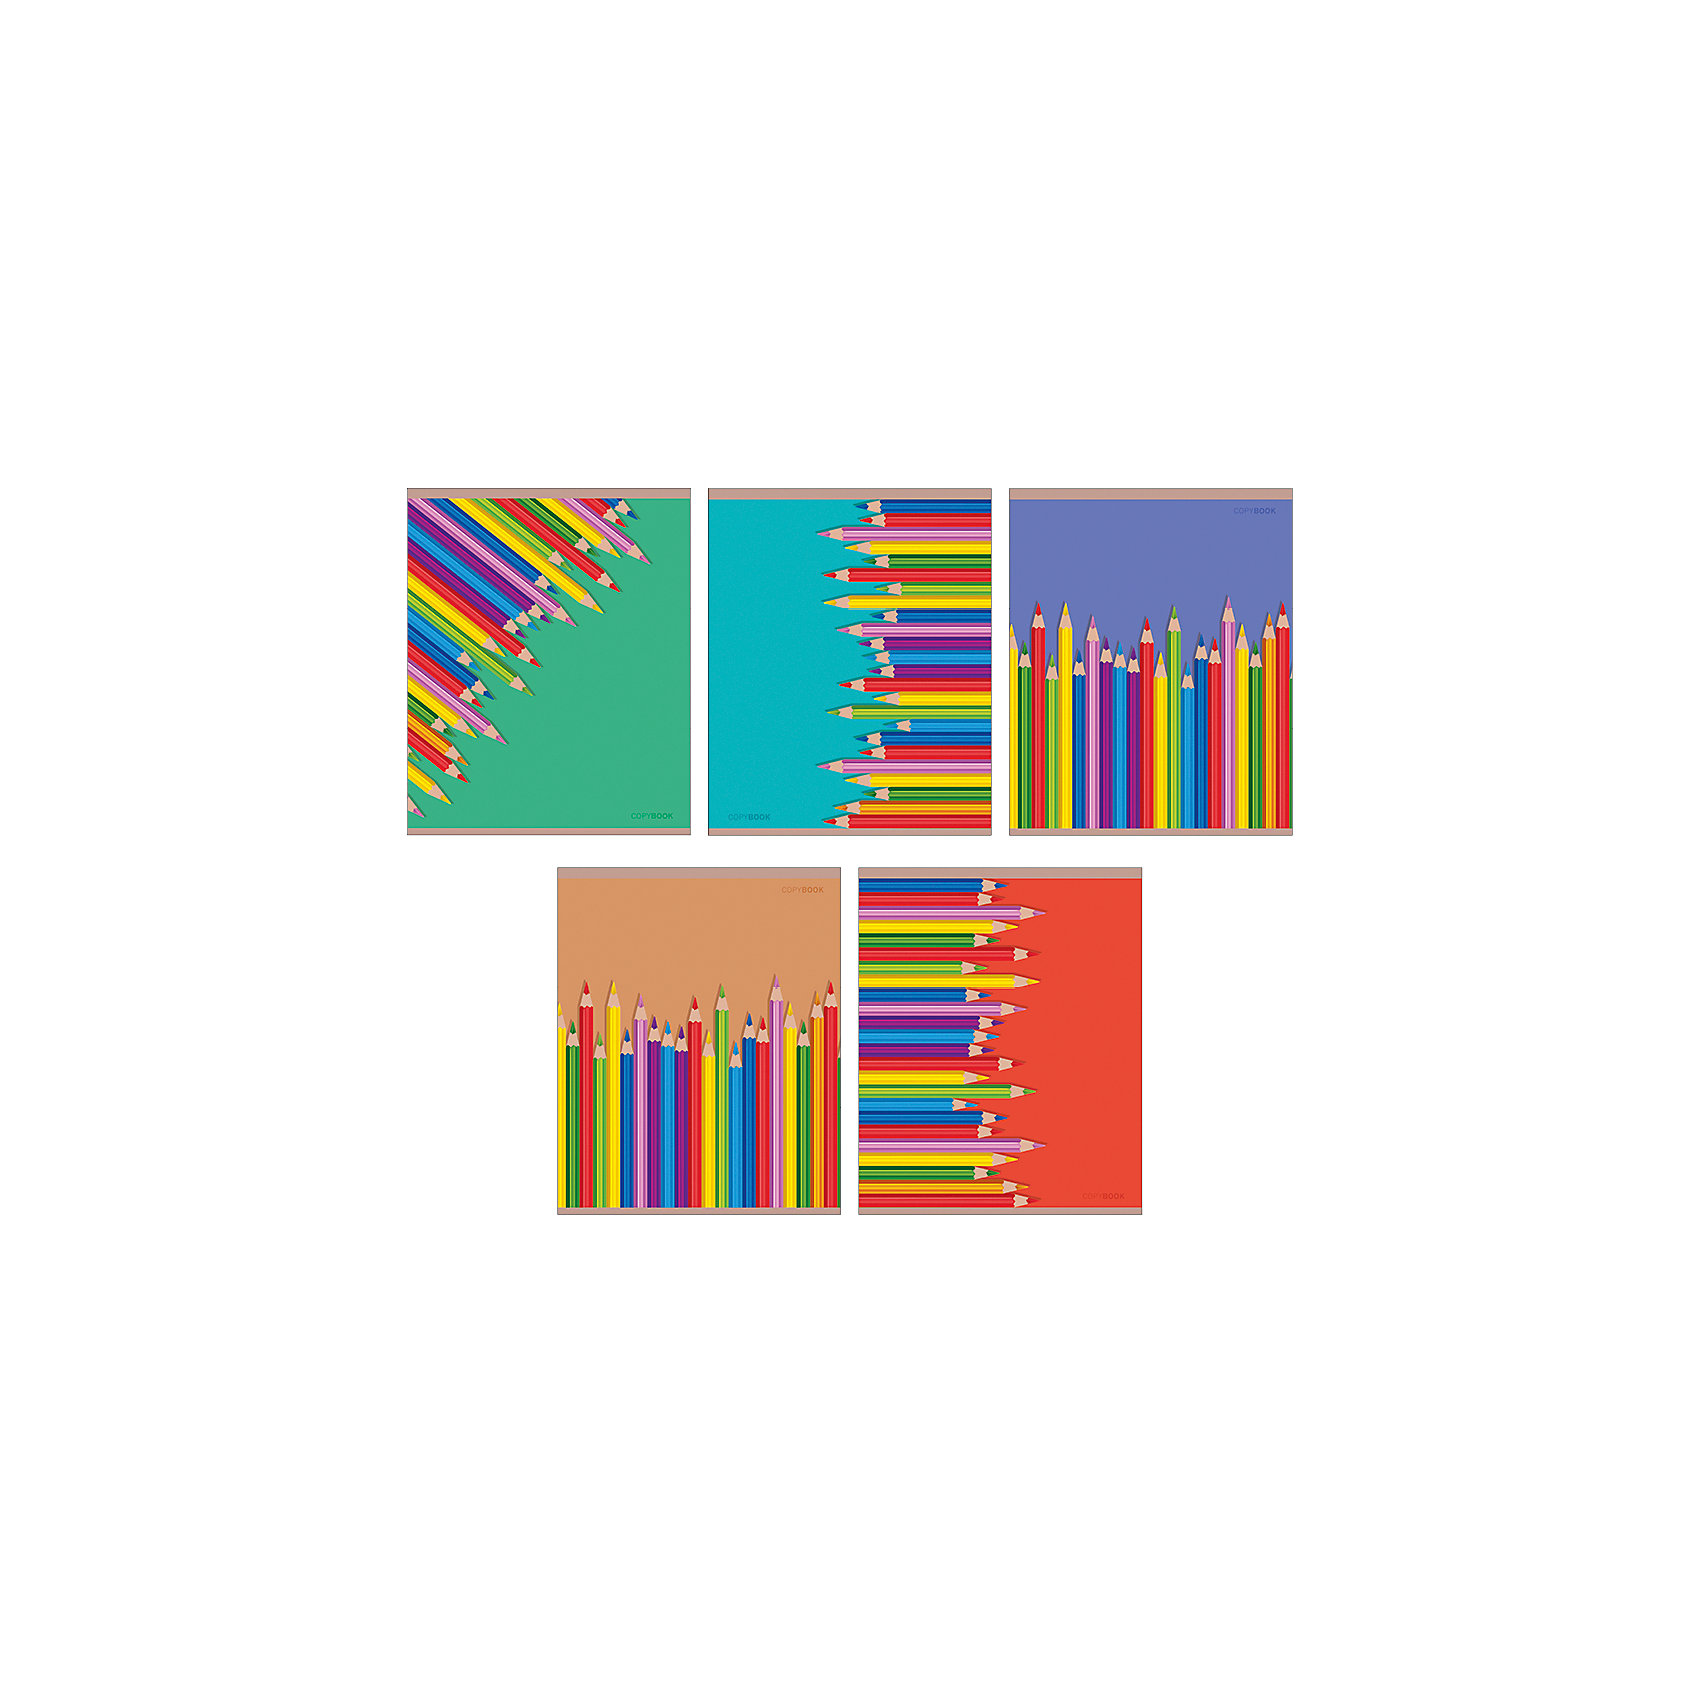 Комплект тетрадей Цветные карандаши (10 шт), 48 листов, Канц-ЭксмоБумажная продукция<br>Характеристики комплекта тетрадей Цветные карандаши:<br><br>• размеры: 20.2х16.3х3.5 см<br>• количество листов: 48 шт.<br>• разлиновка: клетка<br>• формат: А 5 <br>• комплектация: тетрадь<br>• бумага: офсет, плотностью 60 г/м2.<br>• обложка: мелованный картон, выборочный лак.<br>• бренд: Канц-Эксмо<br>• страна бренда: Россия<br>• страна производителя: Россия<br><br>Комплект тетрадей Цветные карандаши от производителя Канц-Эксмо выполнен в формате А5. Количество листов 48, тетради в клетку с полями. Крепление: скрепка. Обложка у изделий плотная - мелованный картон, выборочный лак <br><br>Комплект тетрадей Цветные карандаши от производителя Канц-Эксмо можно купить в нашем интернет-магазине.<br><br>Ширина мм: 202<br>Глубина мм: 163<br>Высота мм: 40<br>Вес г: 103<br>Возраст от месяцев: 72<br>Возраст до месяцев: 2147483647<br>Пол: Унисекс<br>Возраст: Детский<br>SKU: 5448410